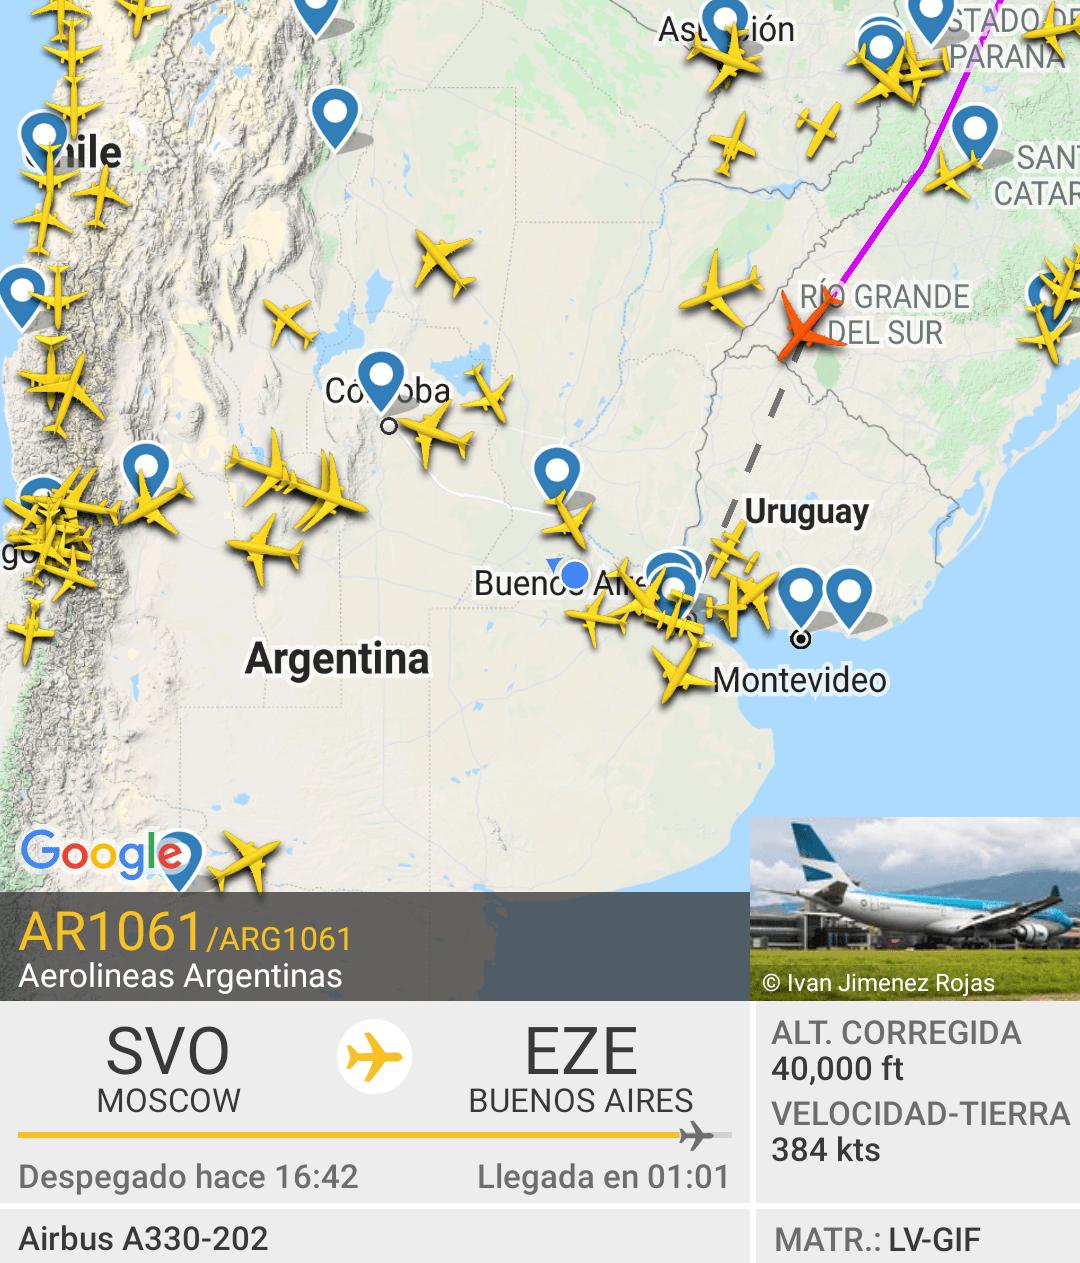 Llega a la Argentina el vuelo de Aerolíneas Argentinas con la vacuna Sputnik V 1